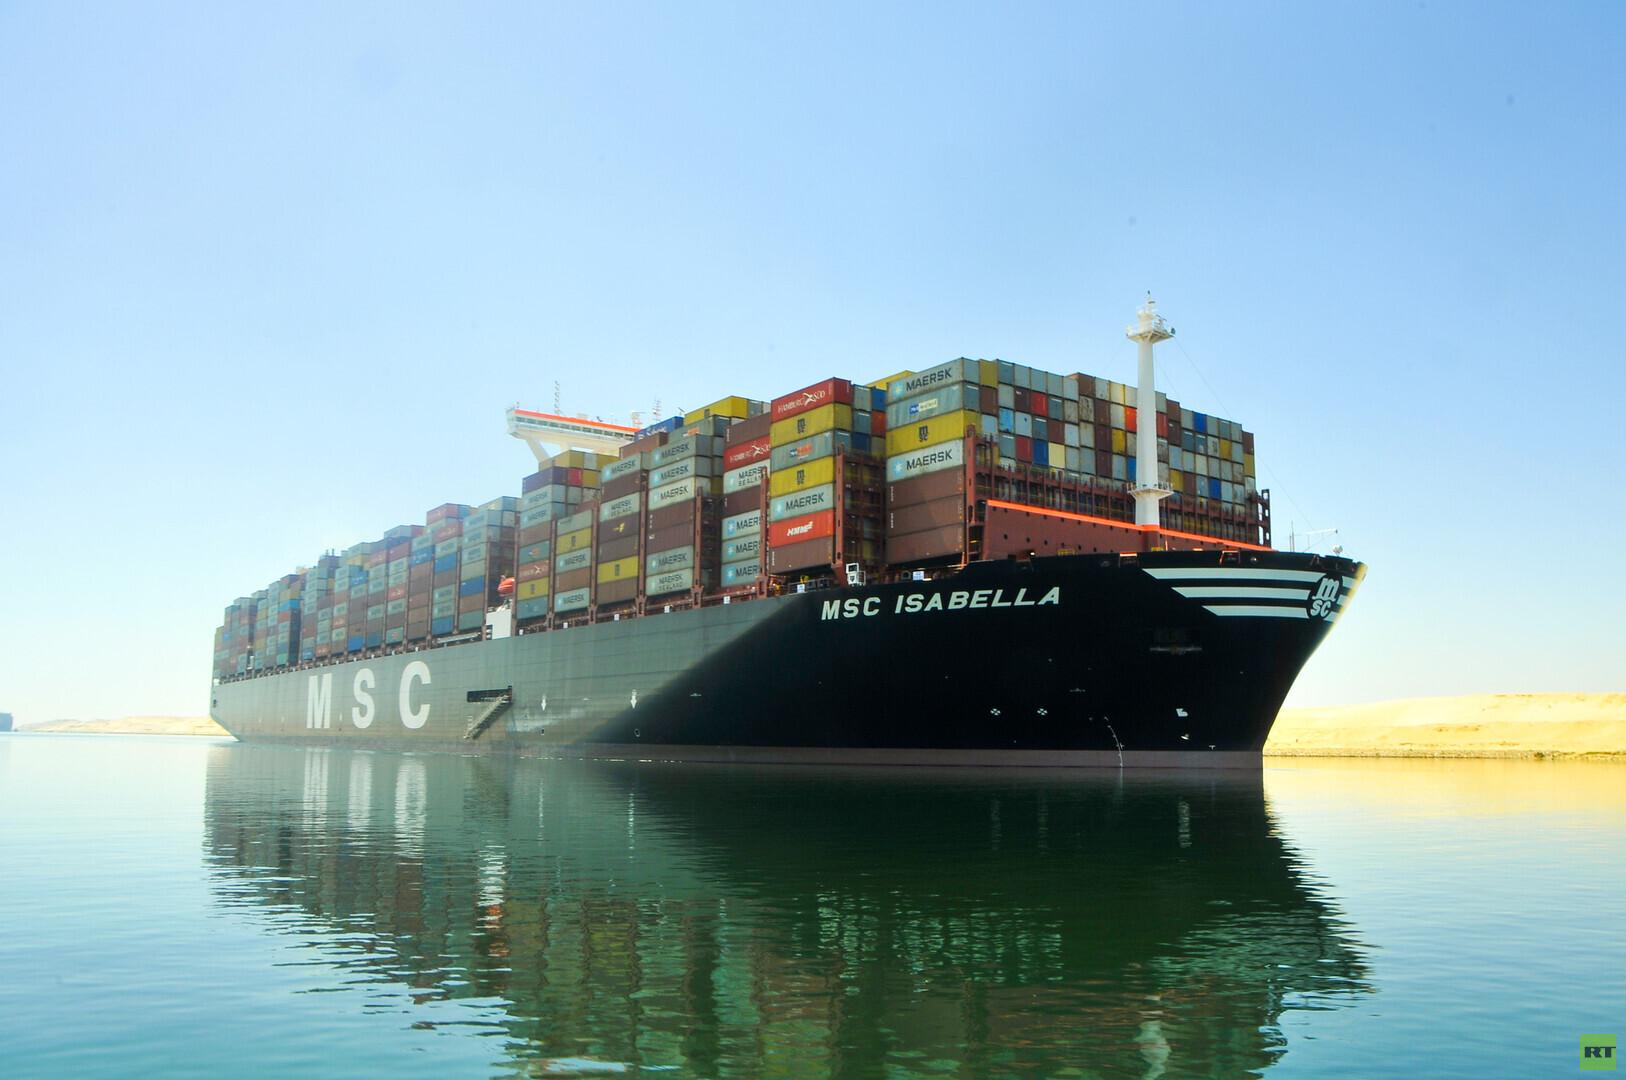 ثاني أكبر سفينة حاويات في العالم